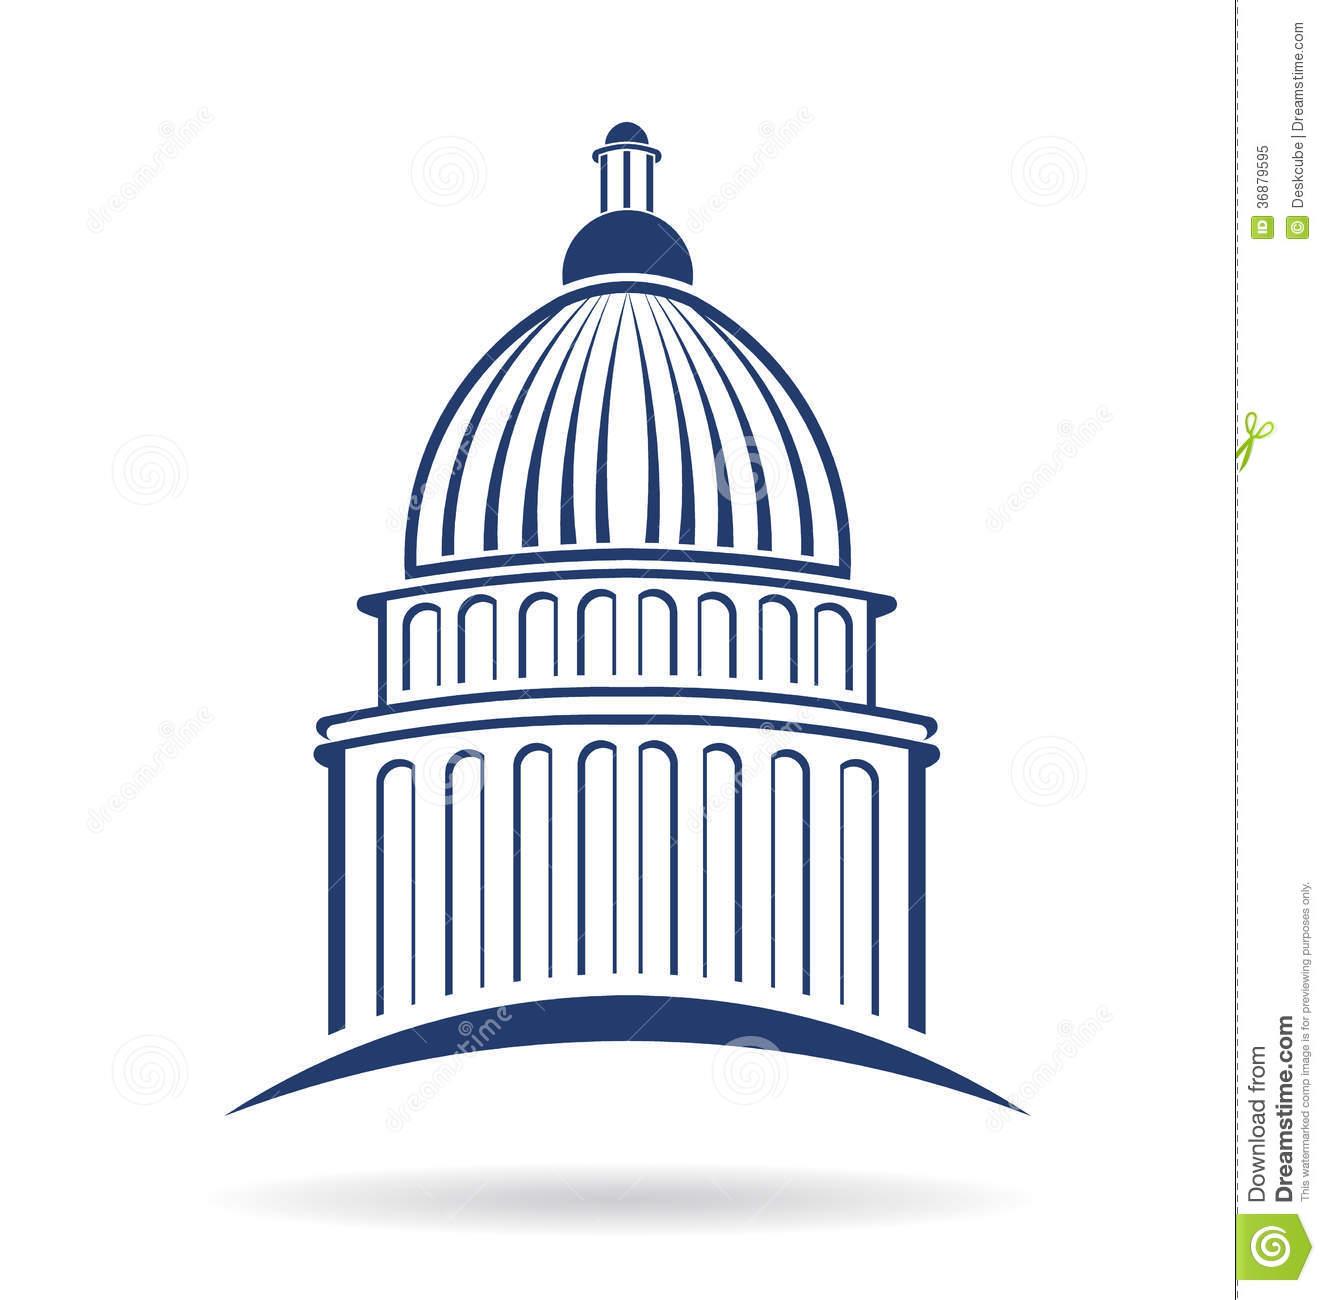 Capitol cliparts.